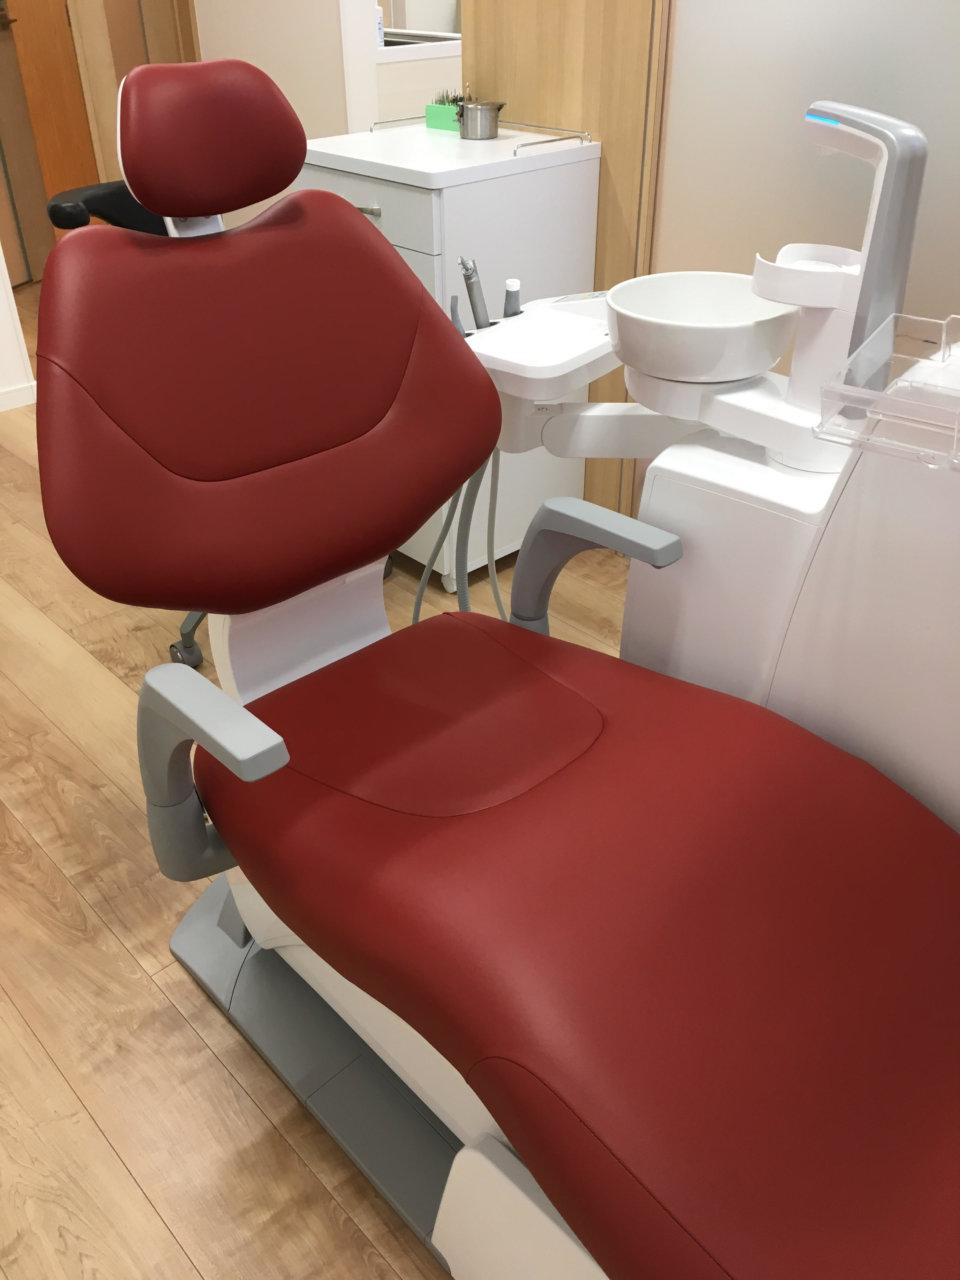 診療用の椅子が新しくなりましたの画像